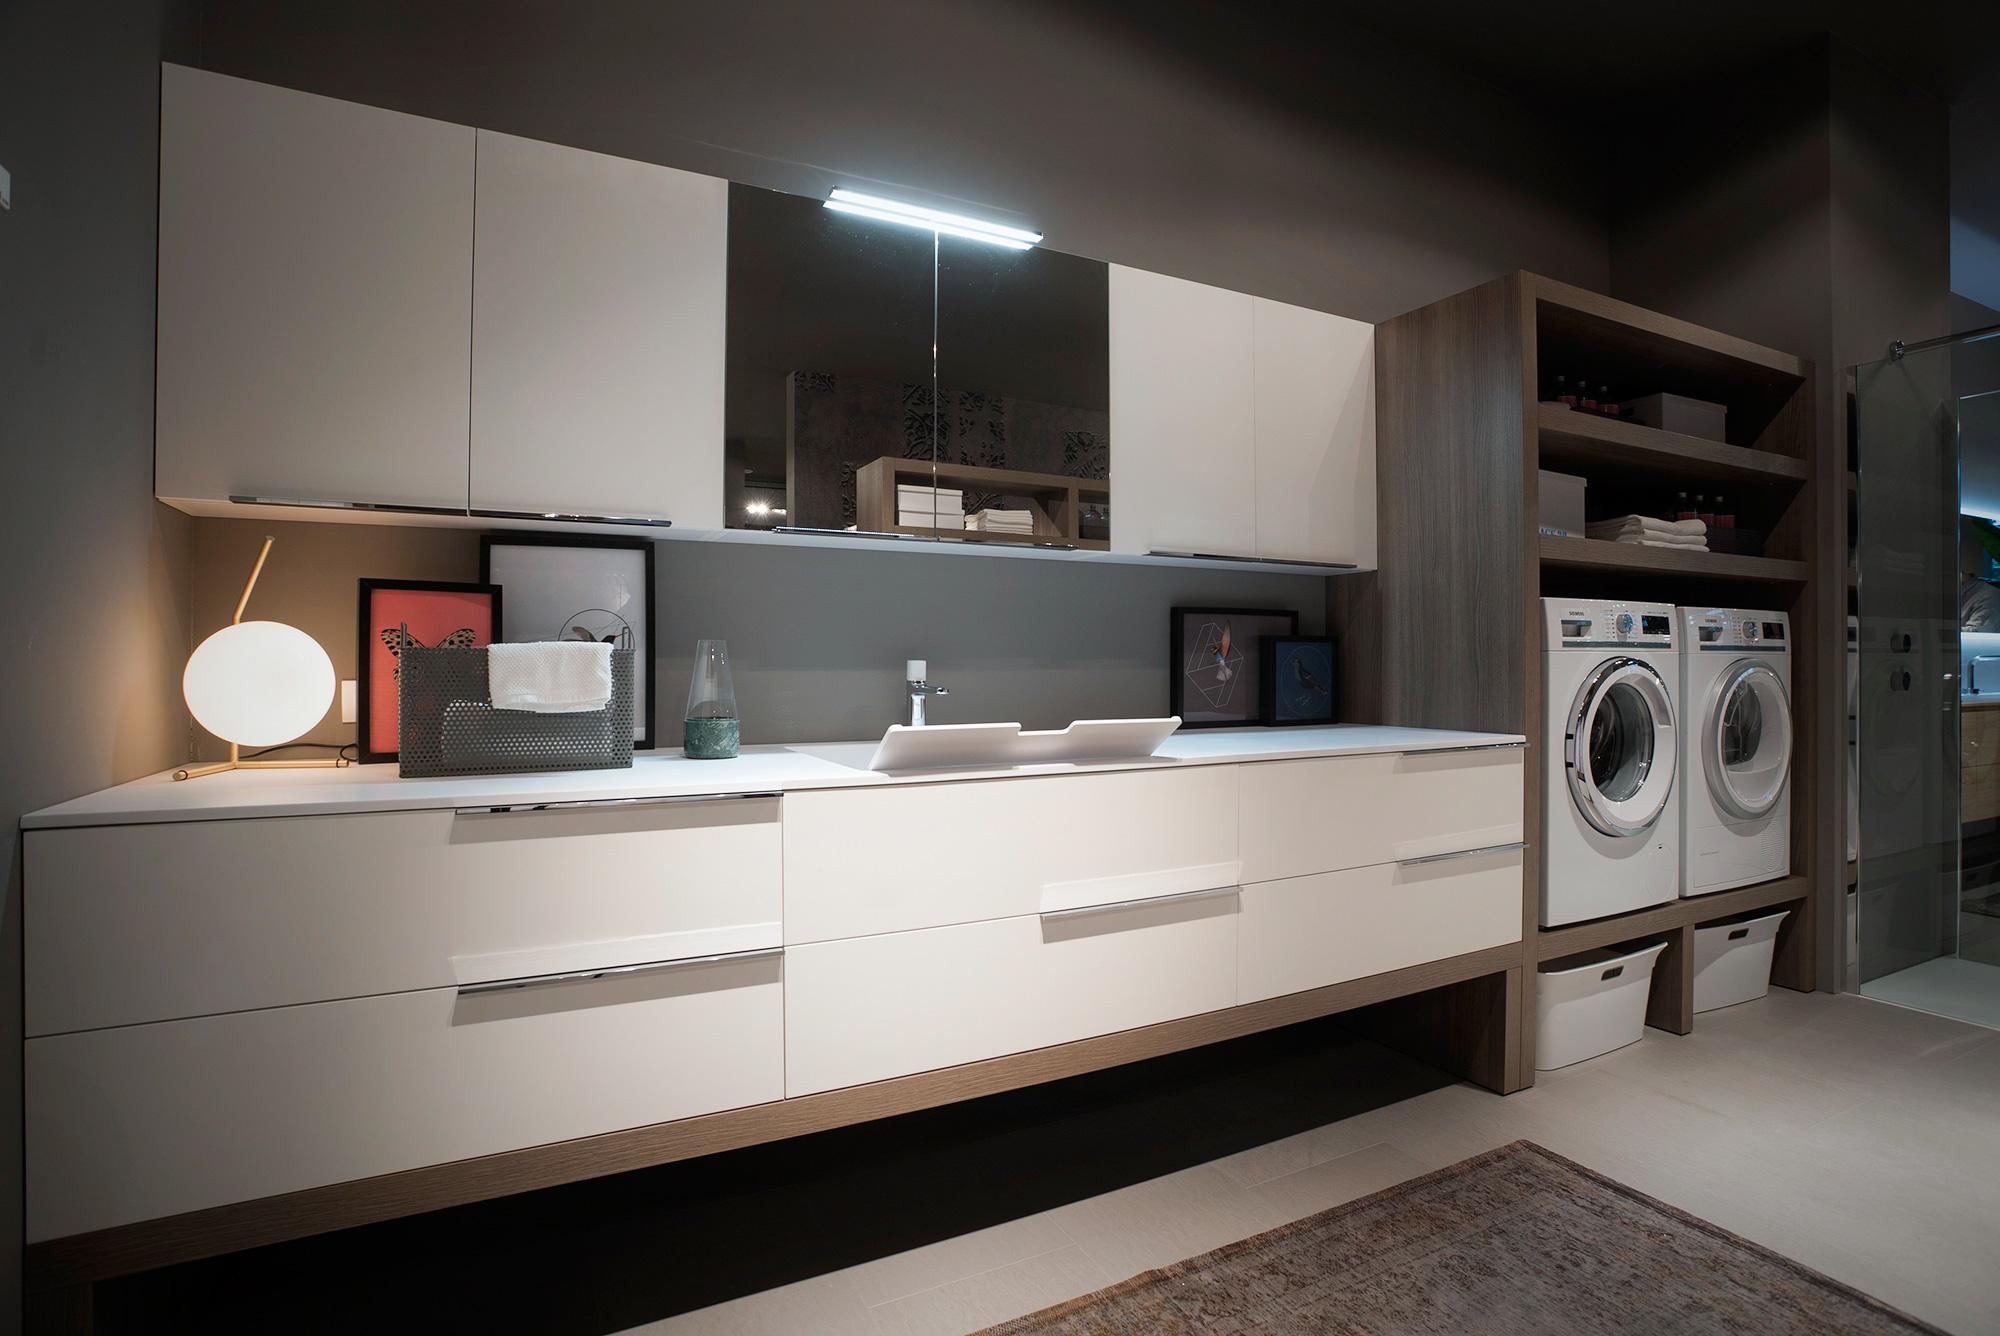 Ottimizzare gli spazi come arredare un bagno lavanderia ideagroup blog - Design bagno piccolo ...